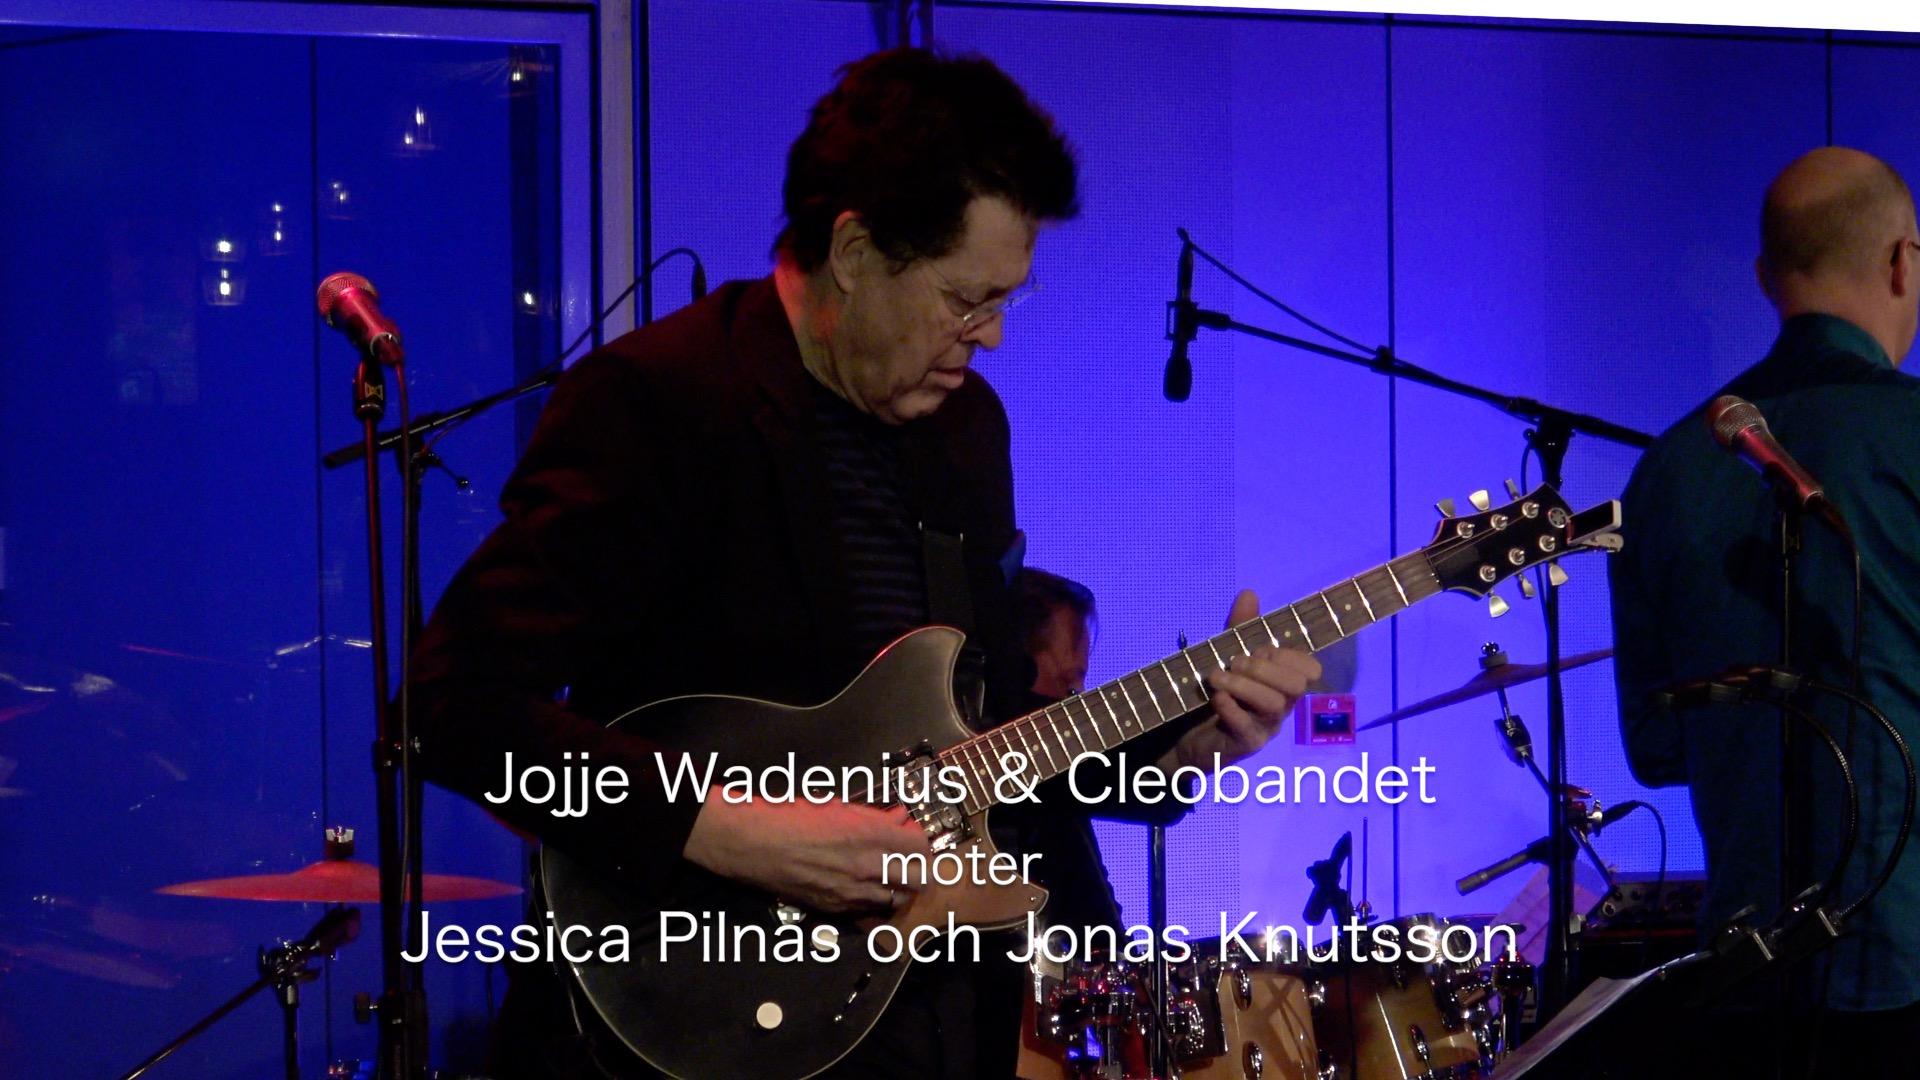 Jojje Wadenius & Cleobandet möter Jessica Pilnäs och Jonas Knutsson